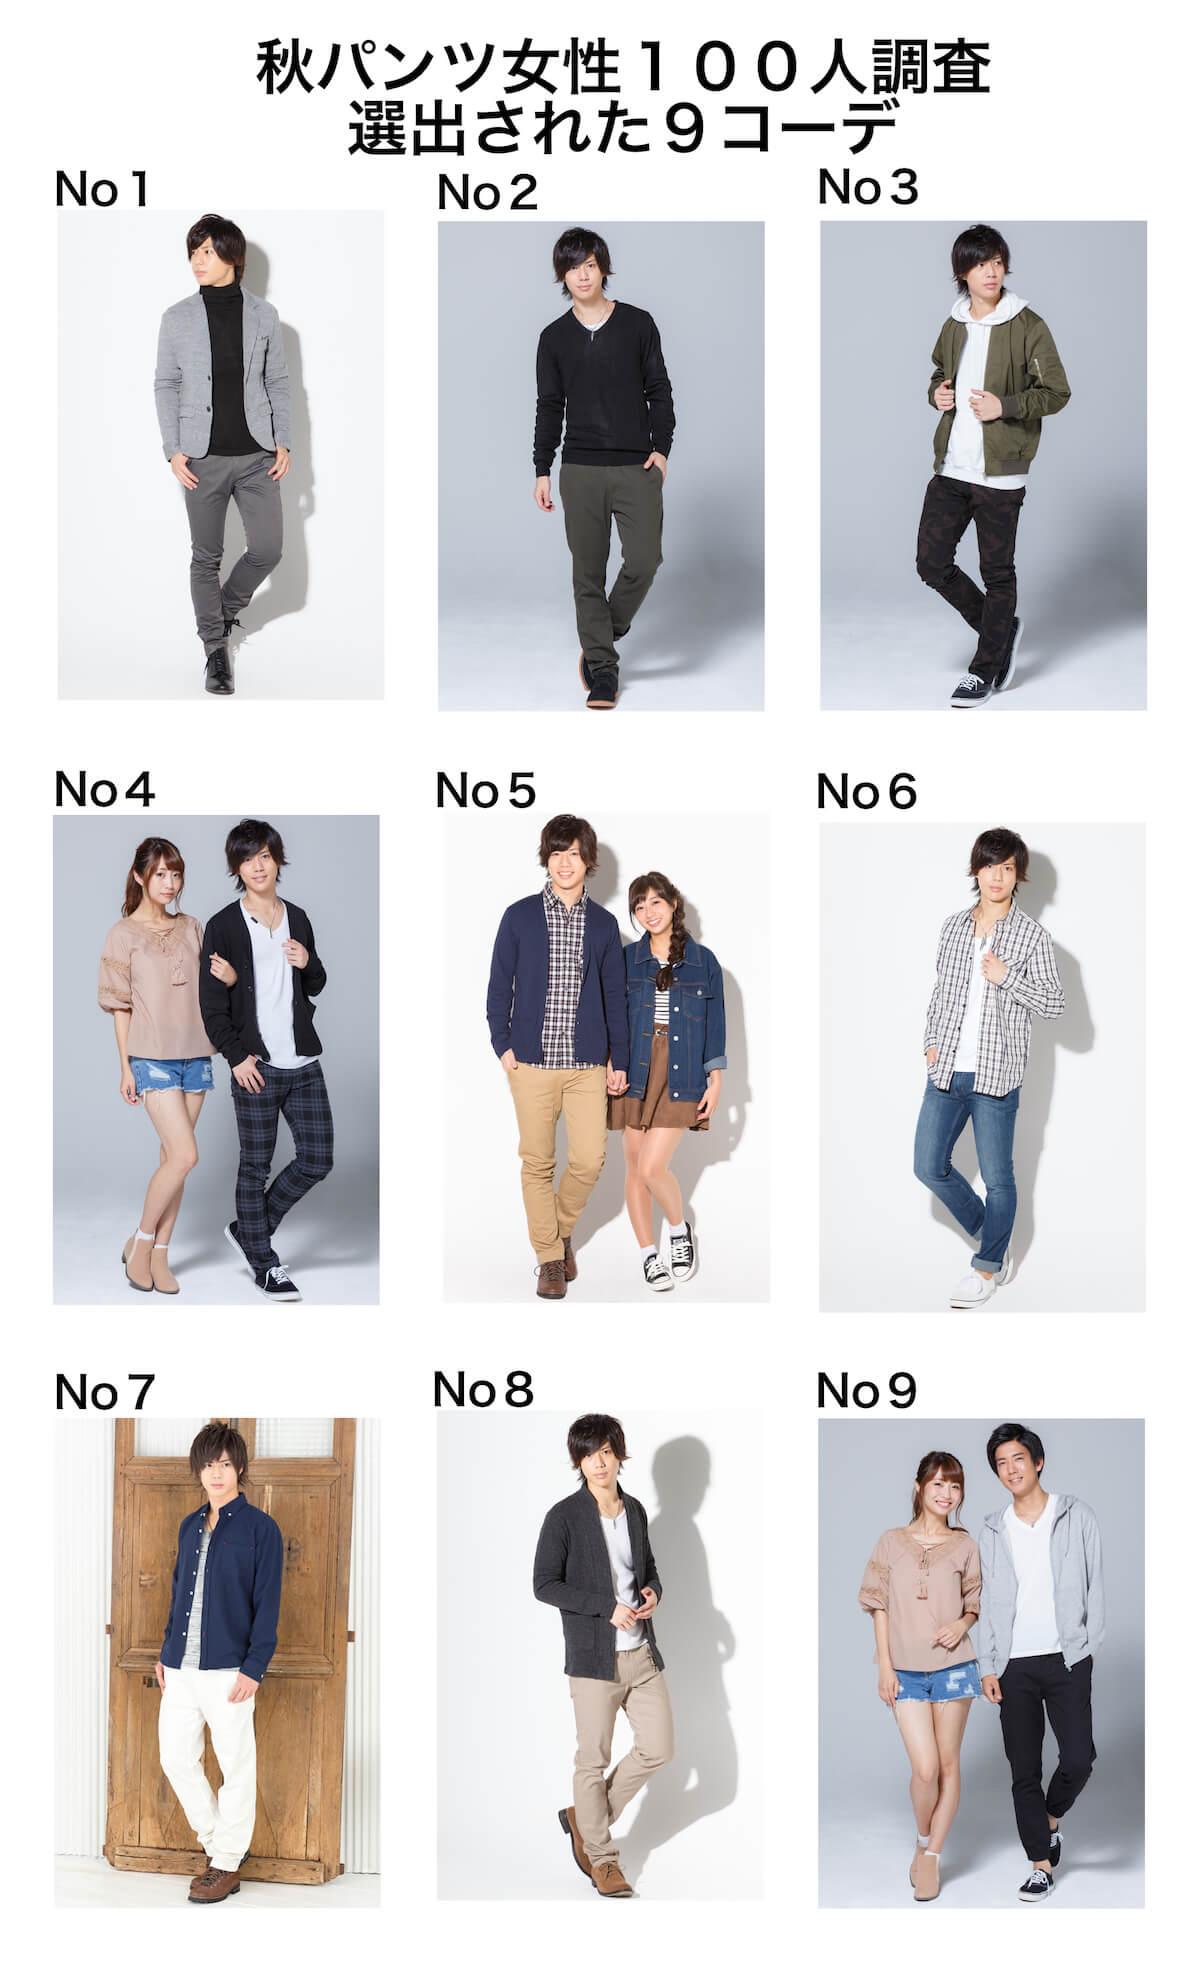 どのコーデも秋に着て見たいコーデばかり。 特にパンツはジーンズ・チノパン・カモ柄など、様々な種類のものが揃っています。